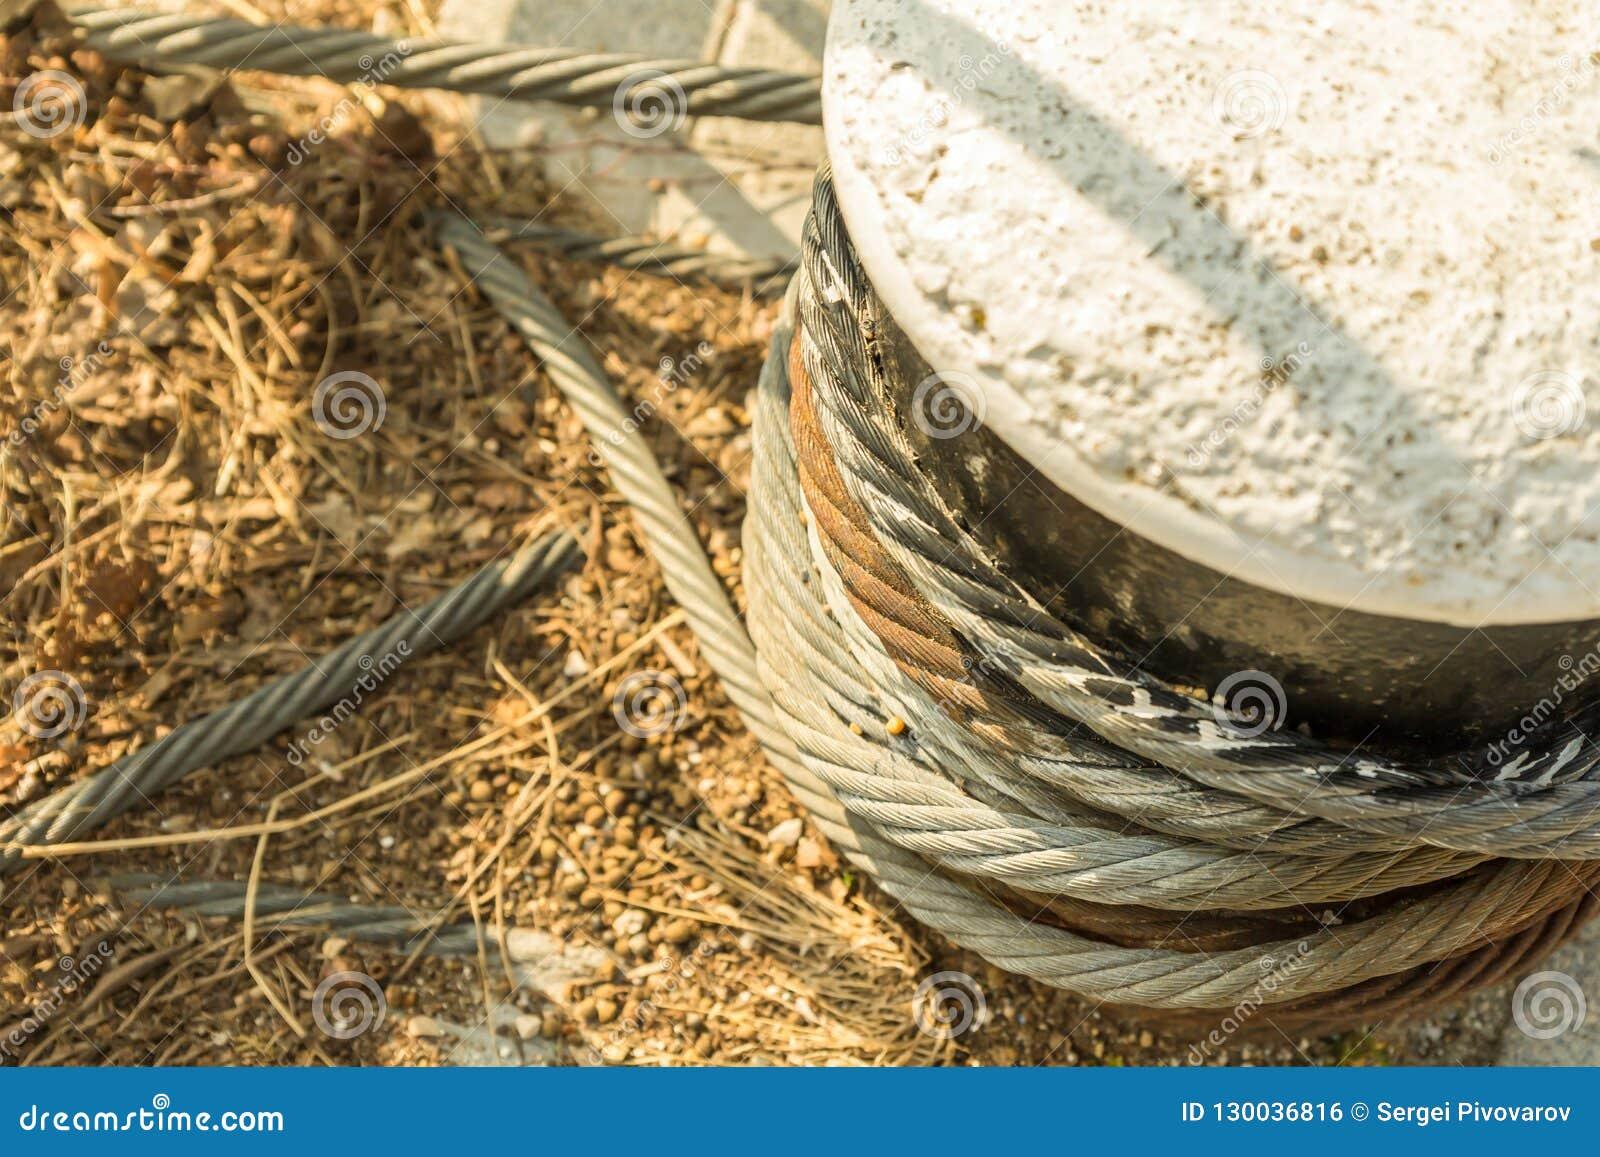 停泊在水泥块固定的一部分的港设备粗糙的扭转的绳索铁生锈的被风化的特写镜头